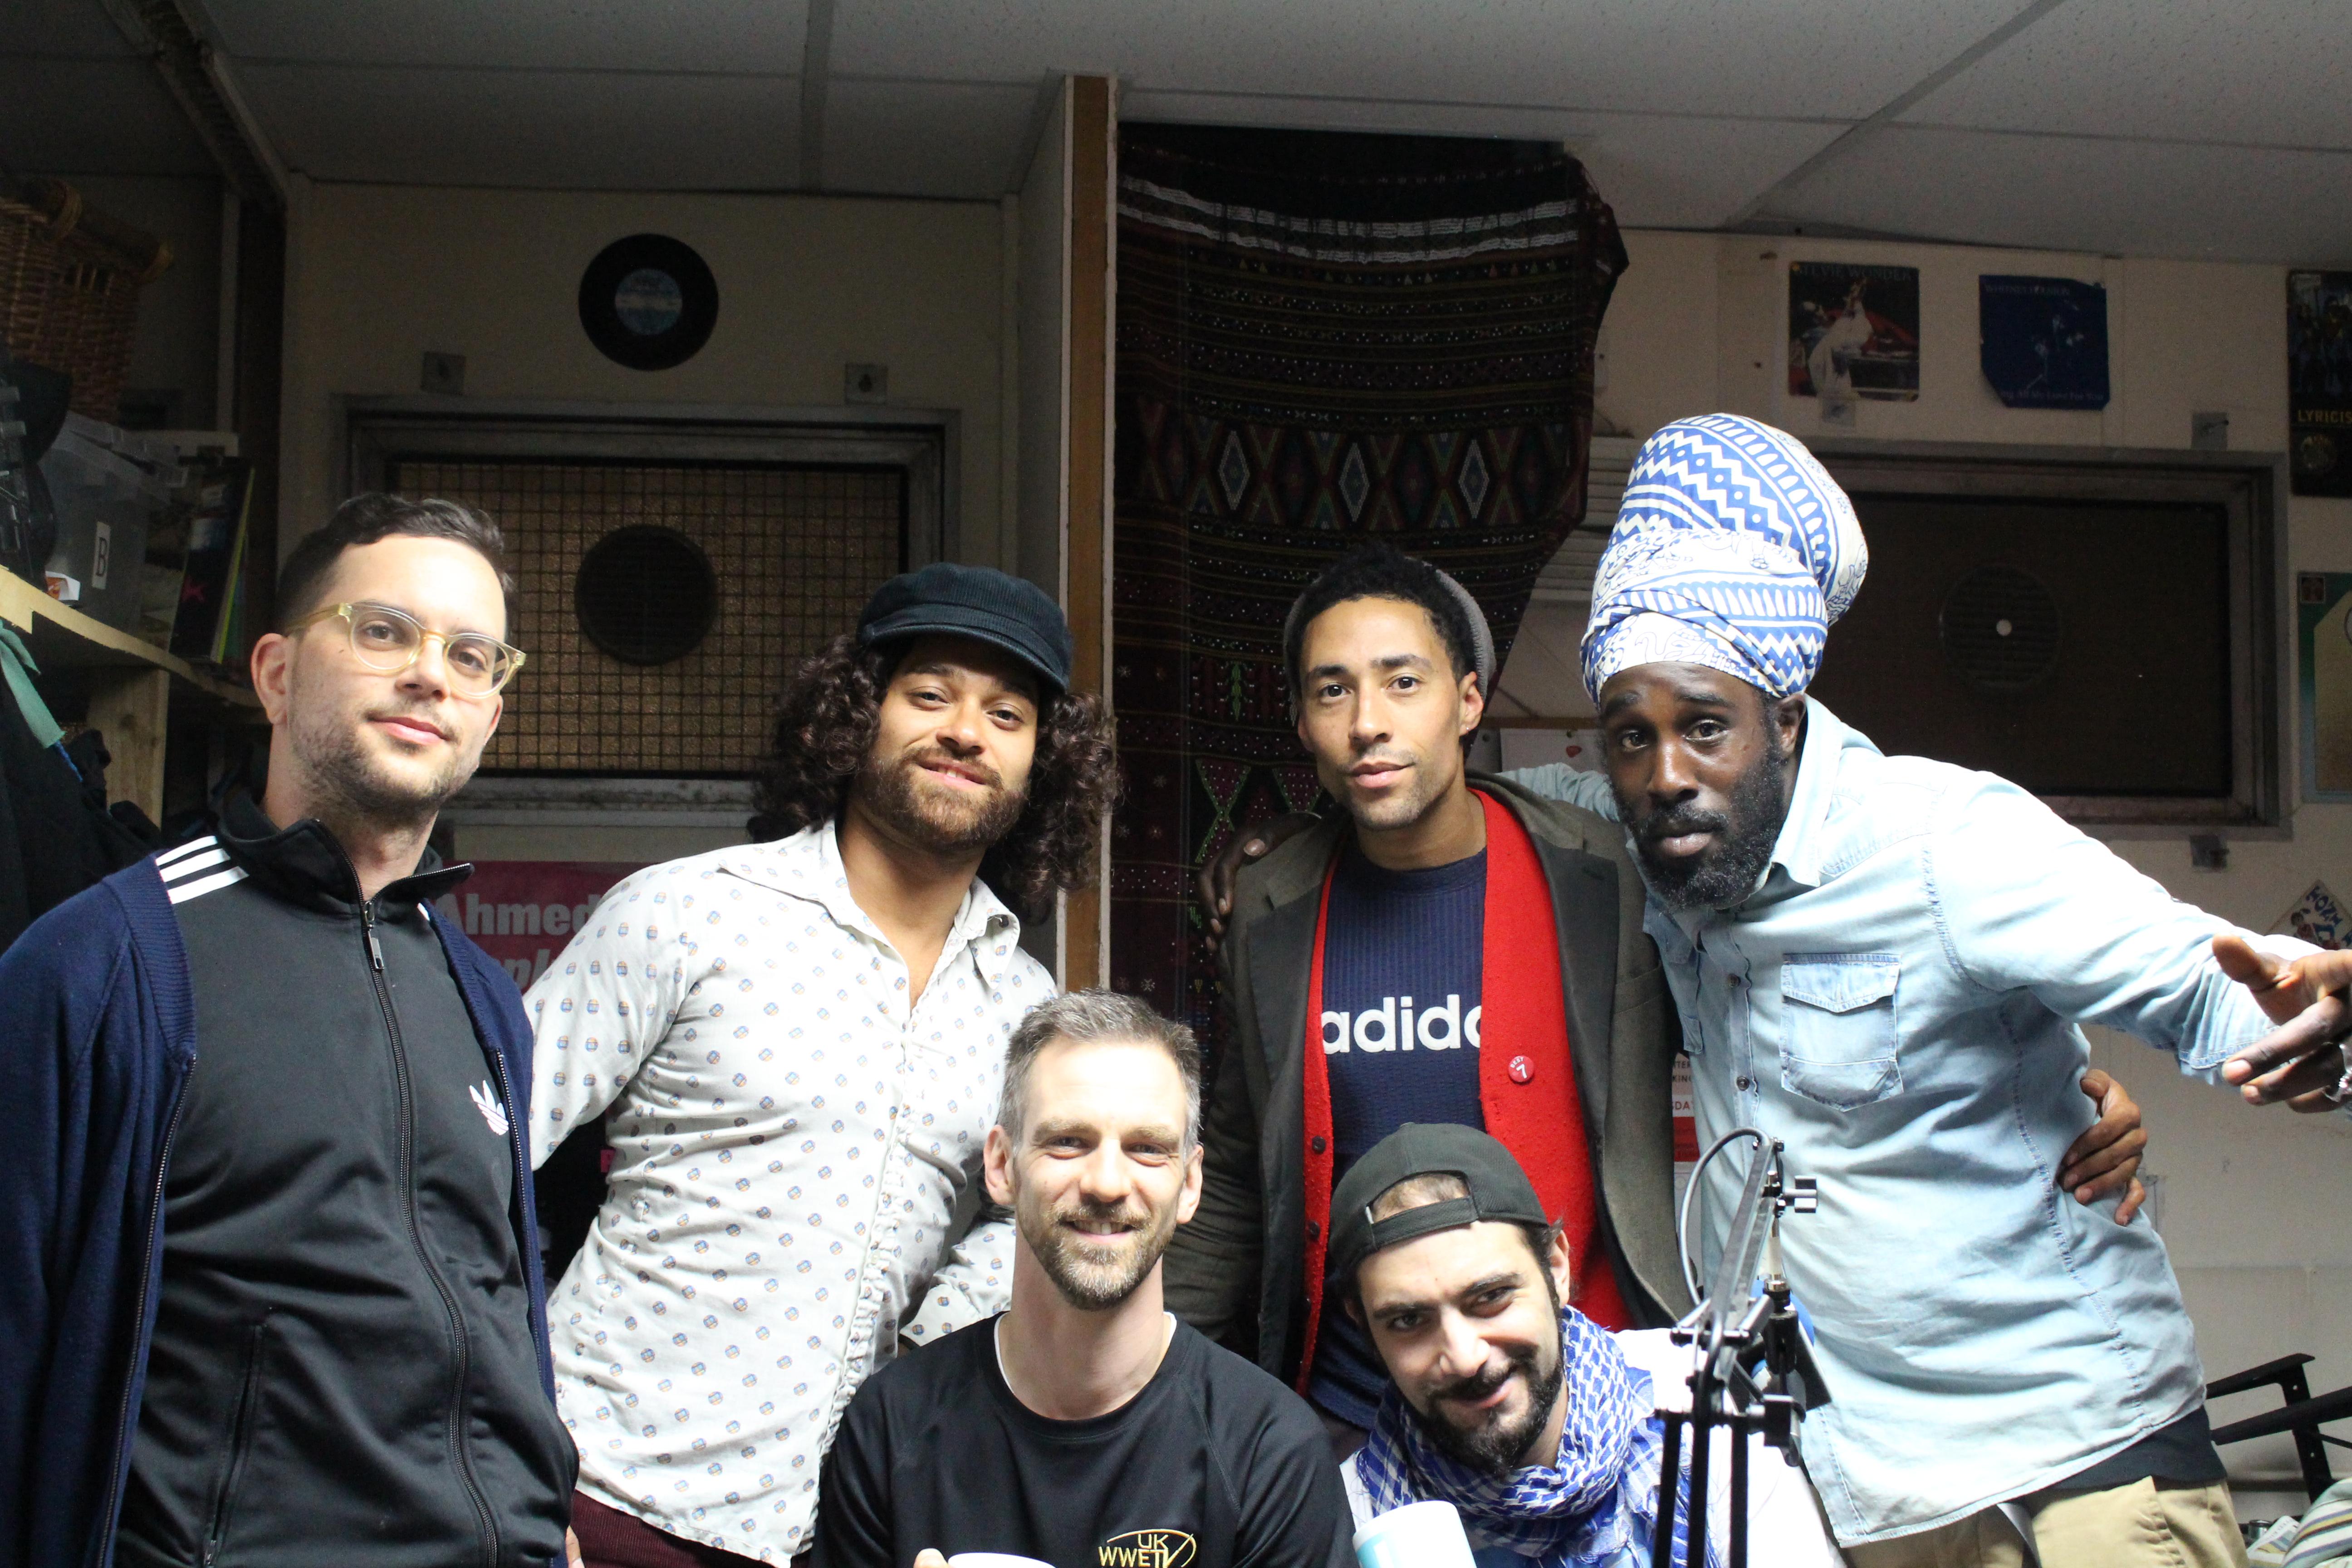 k2k radio crew